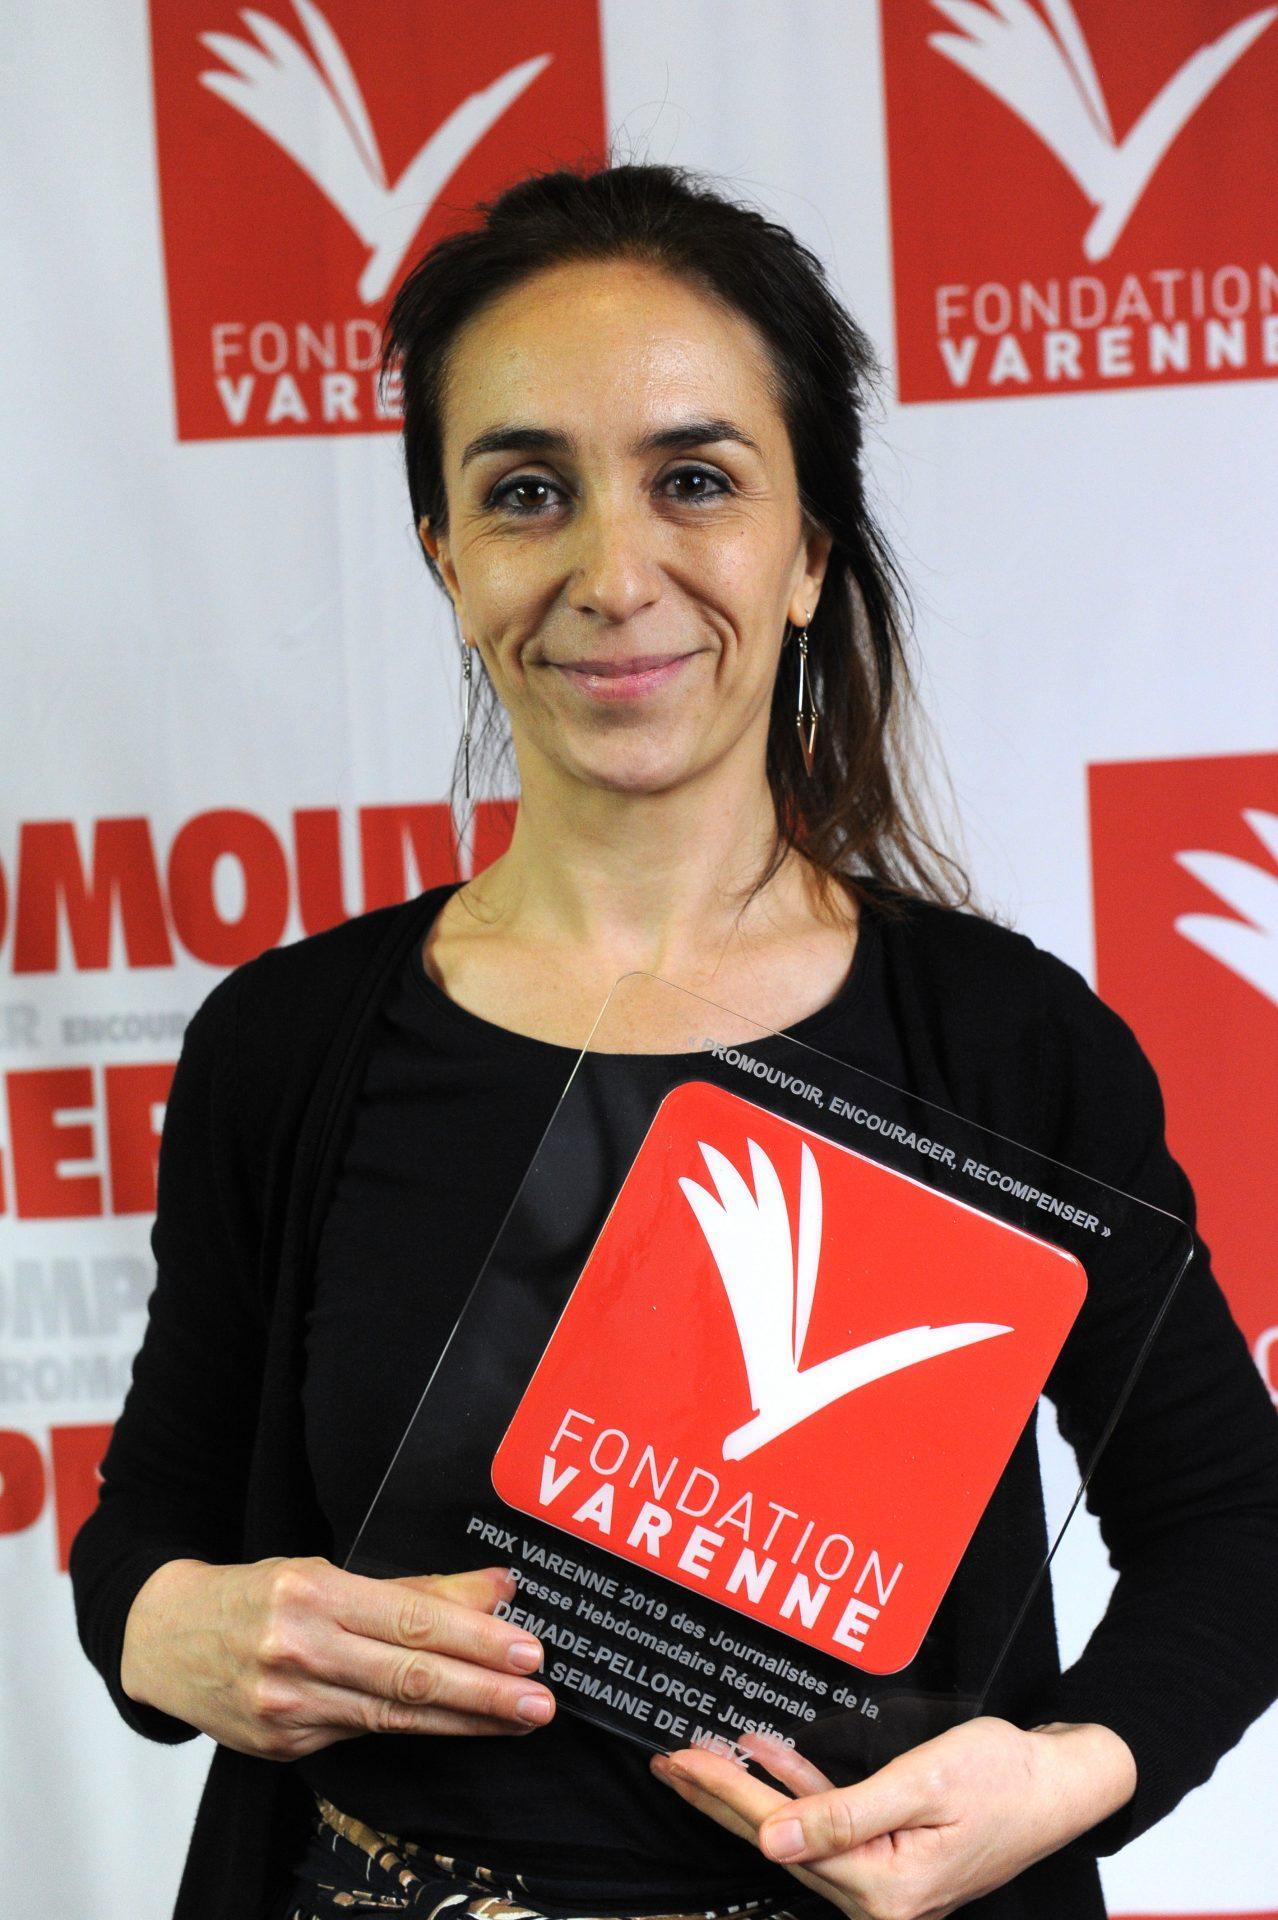 Grand Prix journalistes PHR à Justine DEMADE-PELLORCE du journal La semaine de Metz